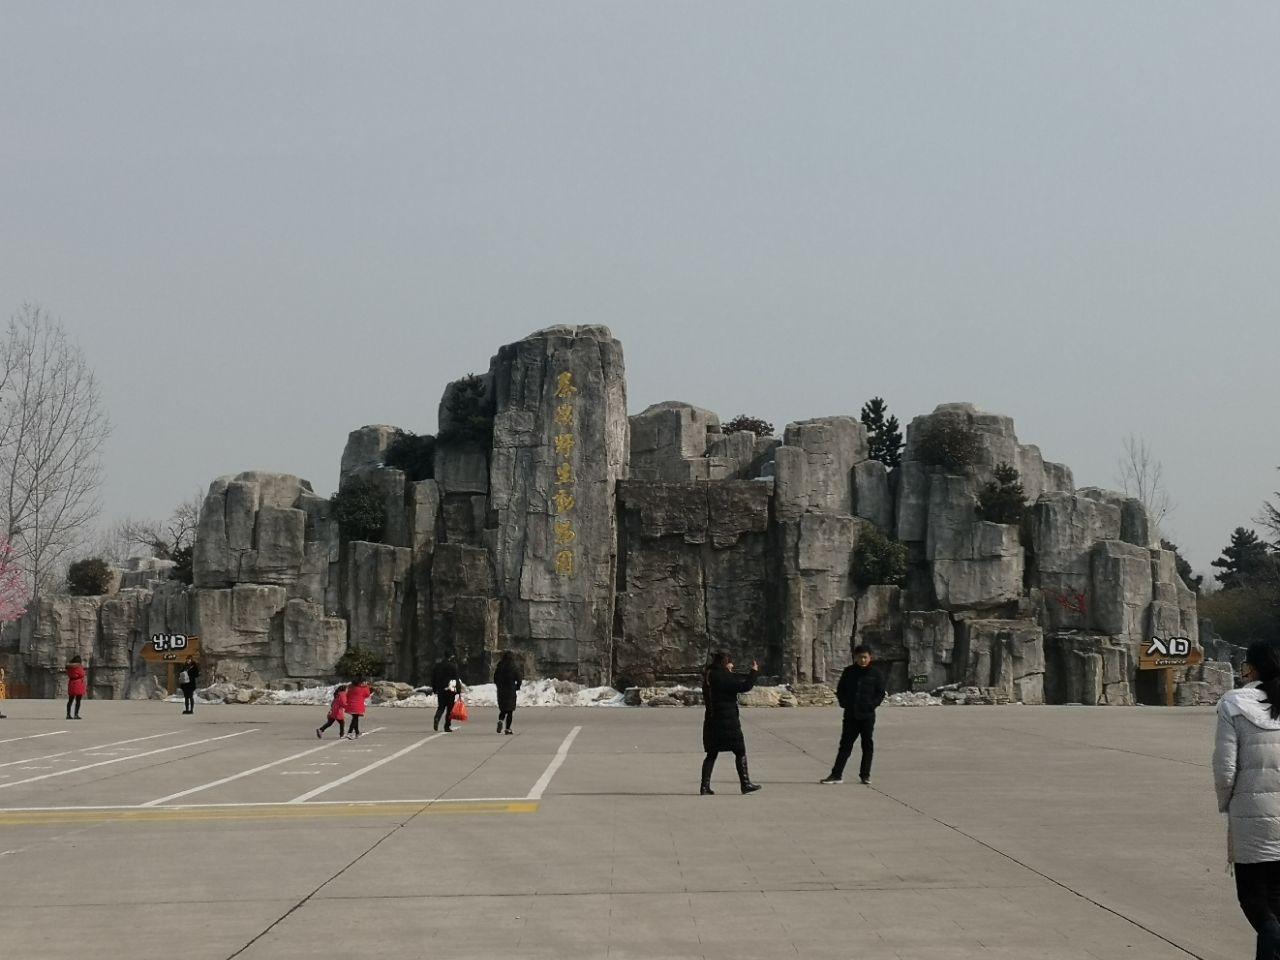 秦岭野生动物园旅游景点攻城堡升级怎么宠物争霸略图攻略图片